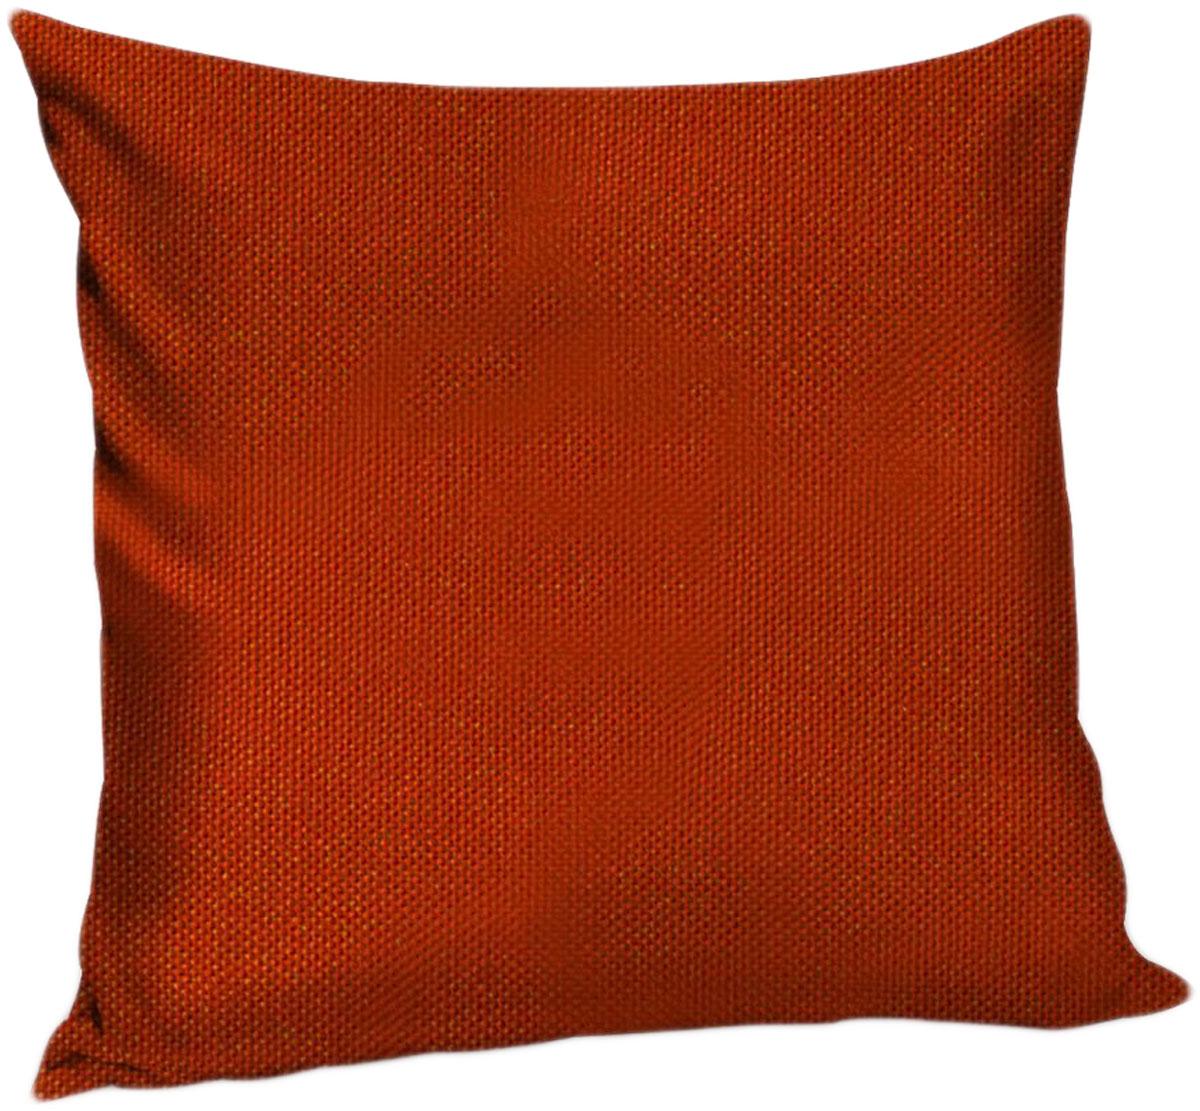 Подушка декоративная KauffOrt Комо, цвет: красный, 40 x 40 см3121540130Декоративная подушка Комо прекрасно дополнит интерьер спальни или гостиной. Чехолподушки выполнен из лонеты. Внутри находится мягкий наполнитель. Чехол легко снимаетсяблагодаря потайной молнии.